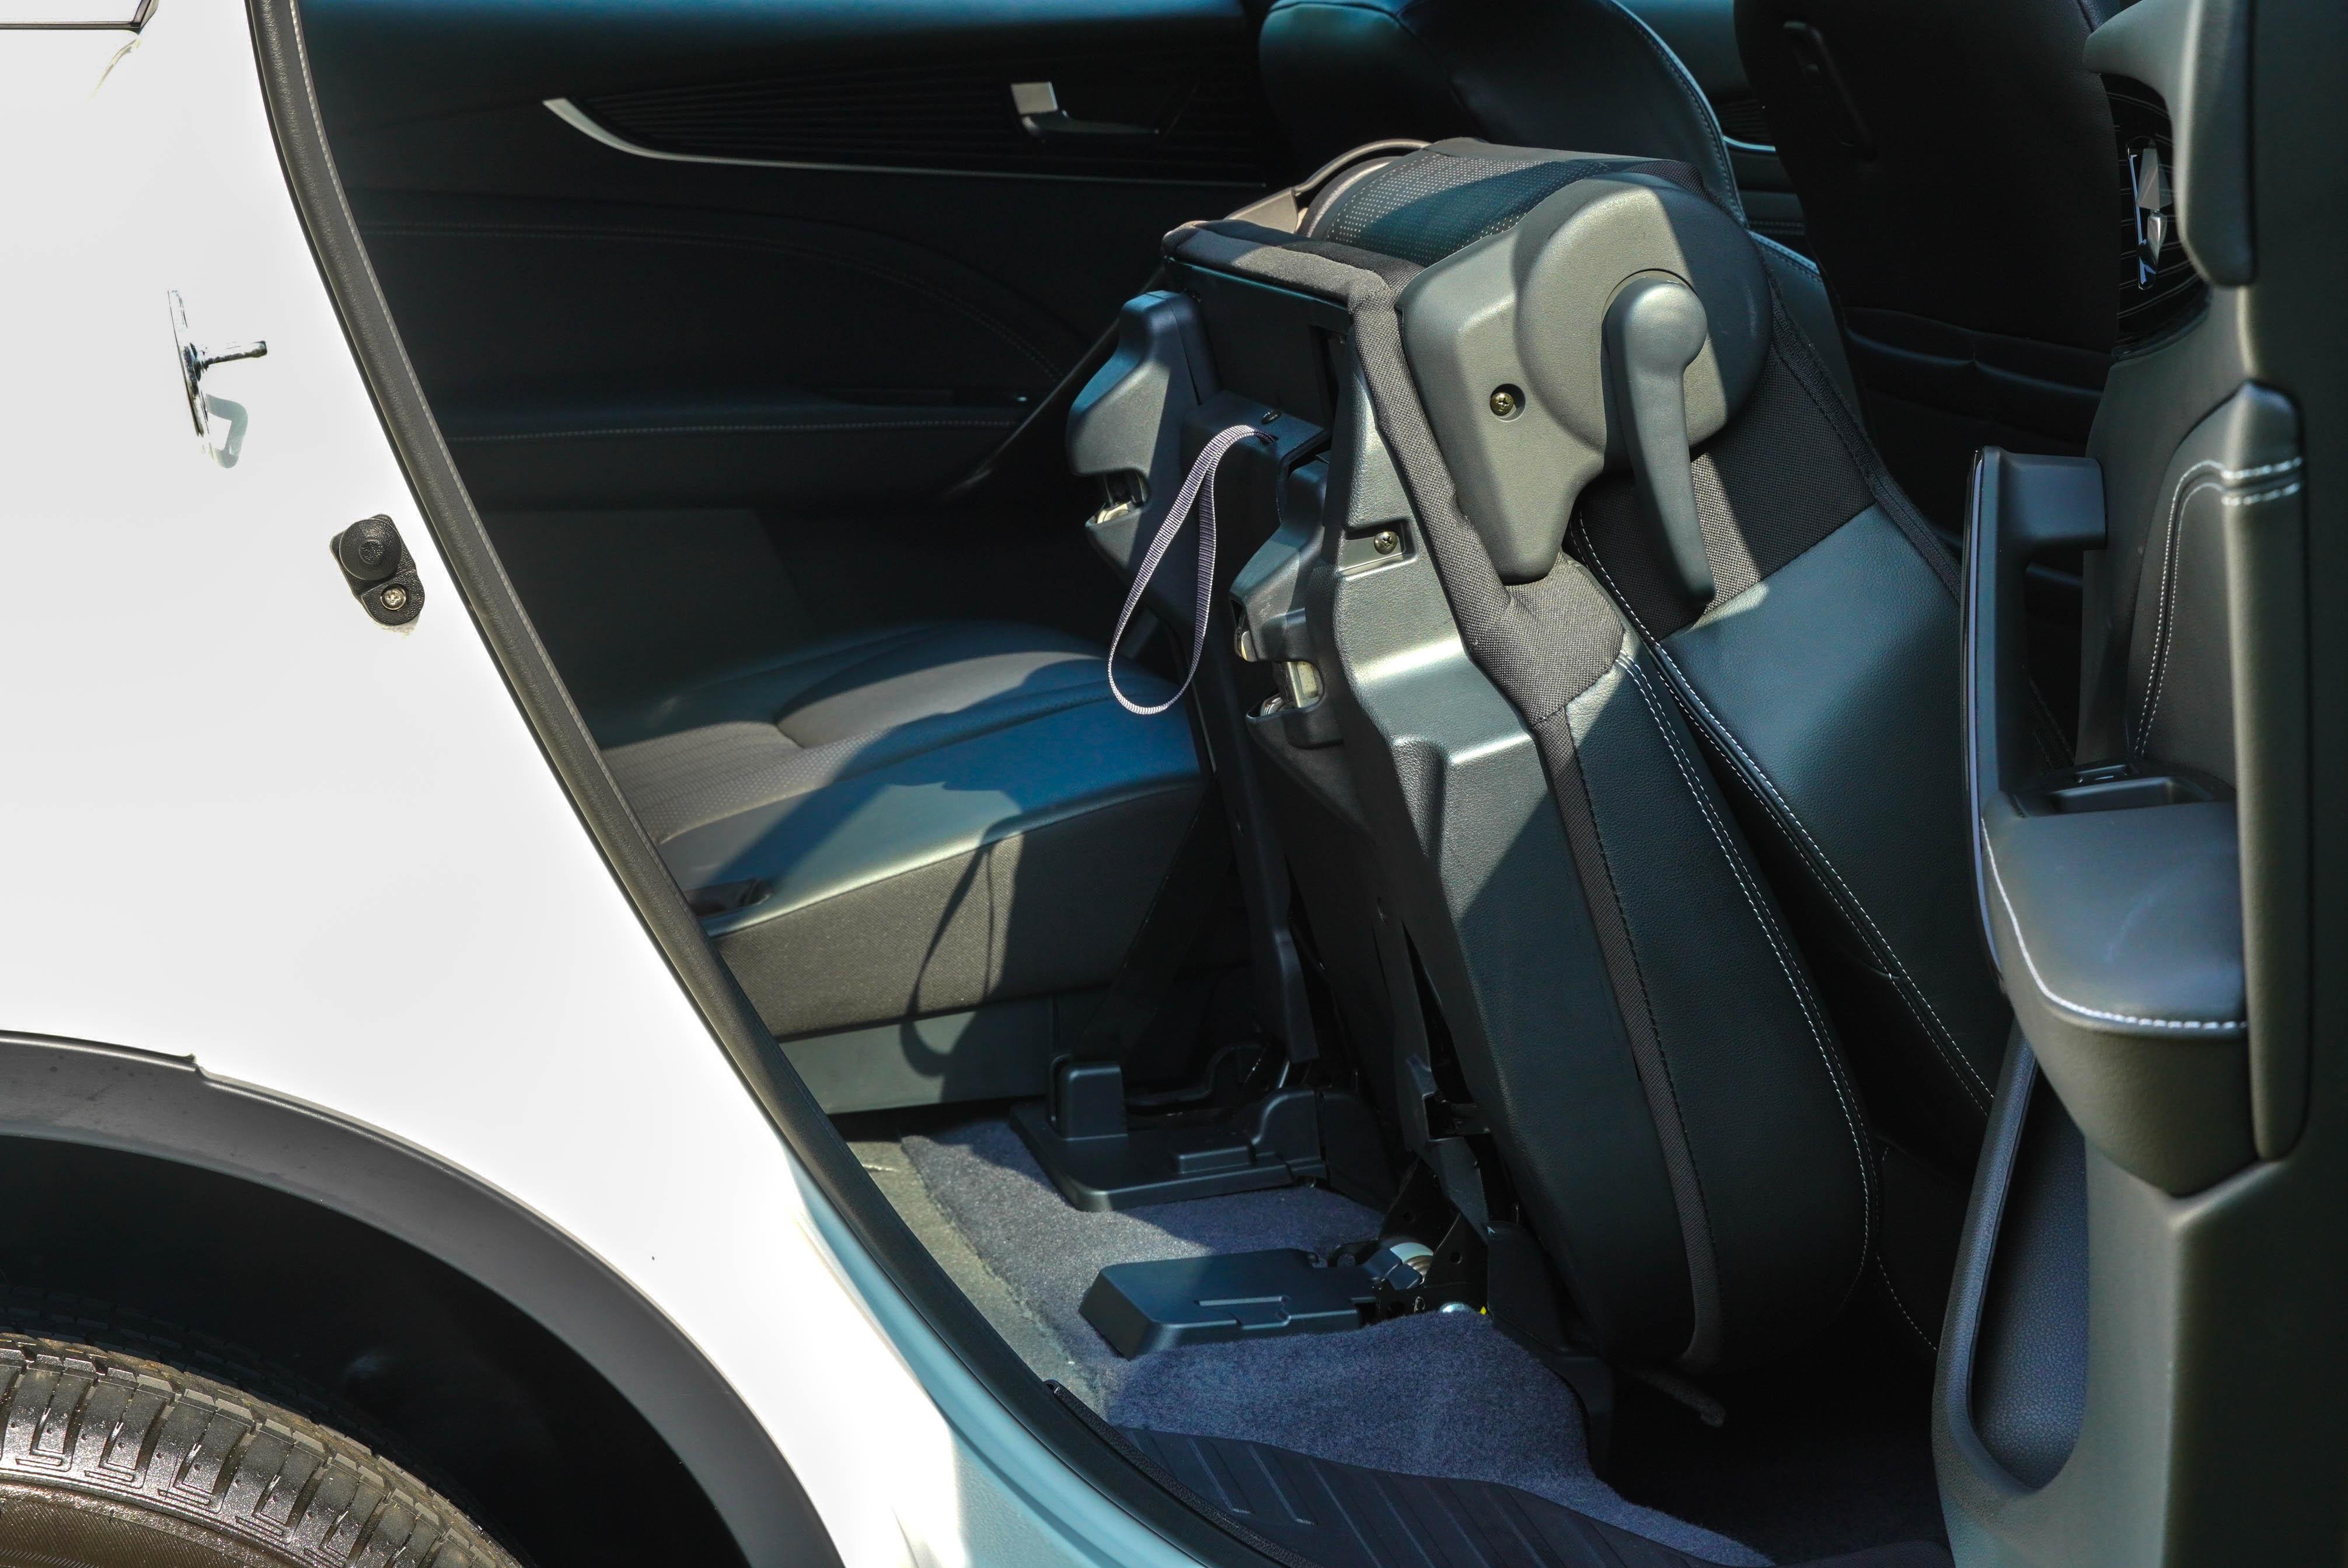 URX 五人座版本具備二排座椅一鍵翻折,七人座版本提供電子式 One-touch 一鍵翻折功能。